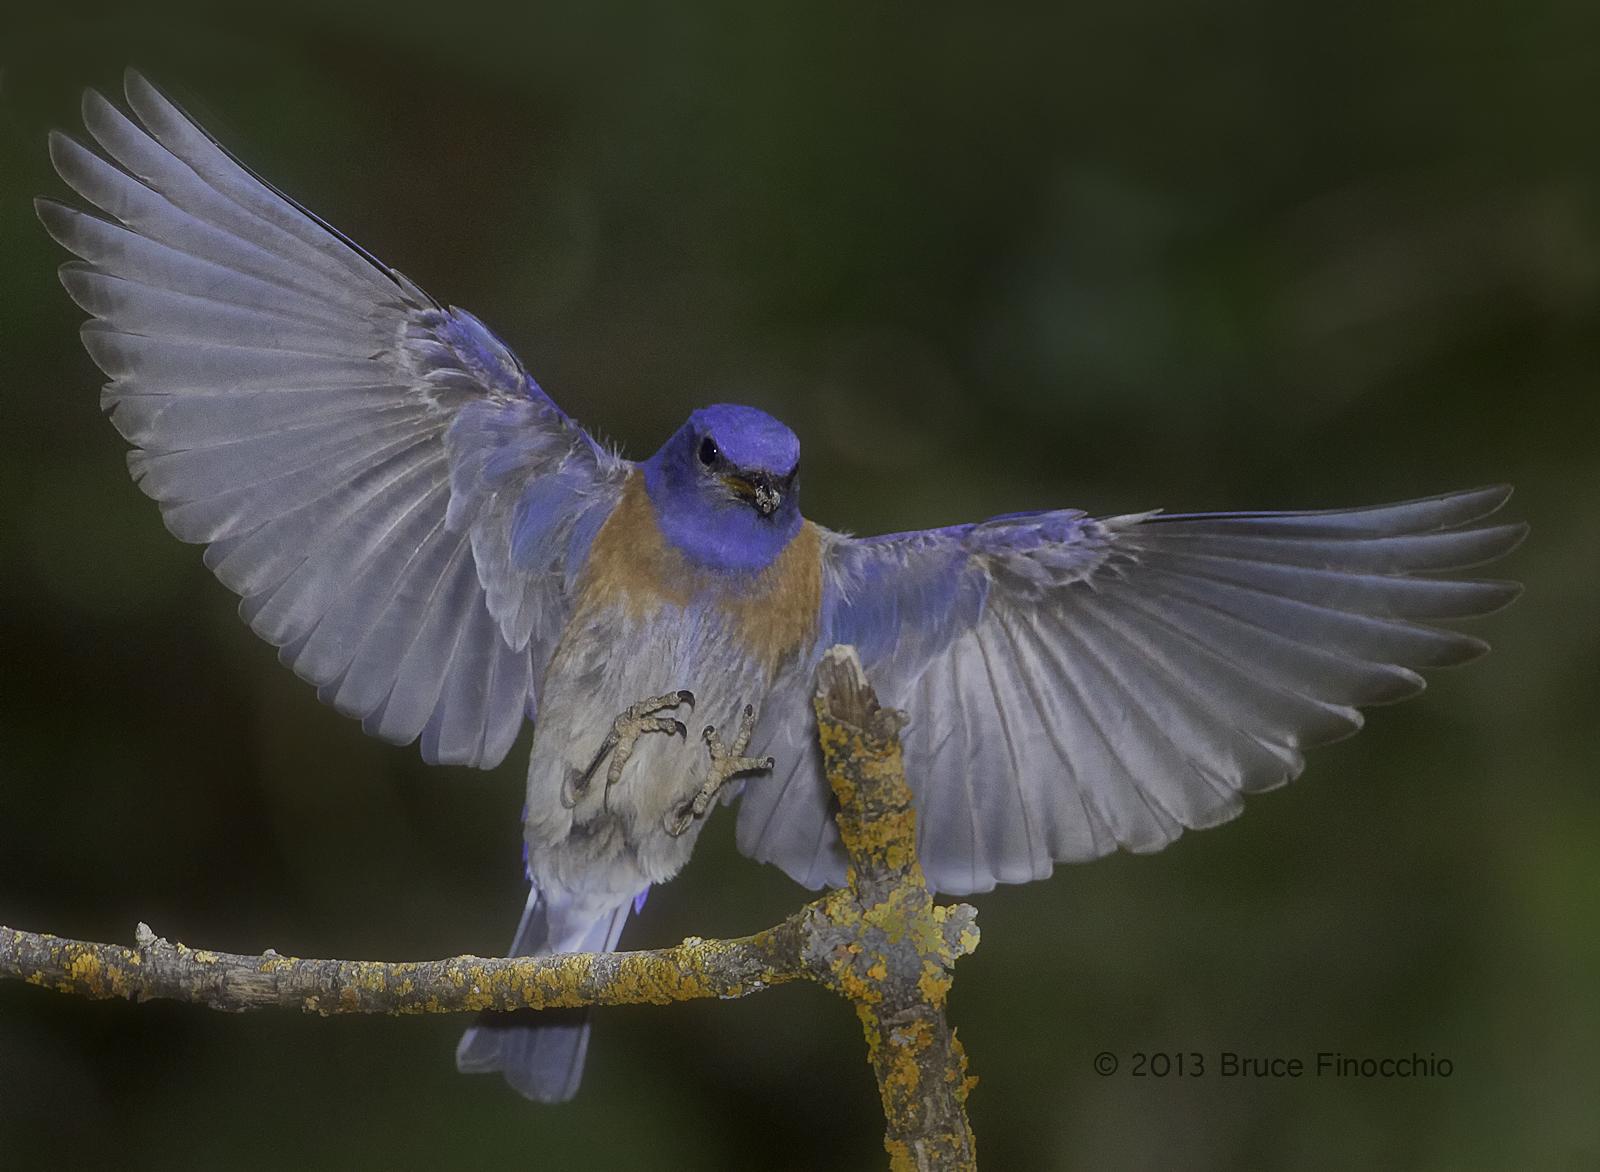 bird wings spread - HD1600×1172